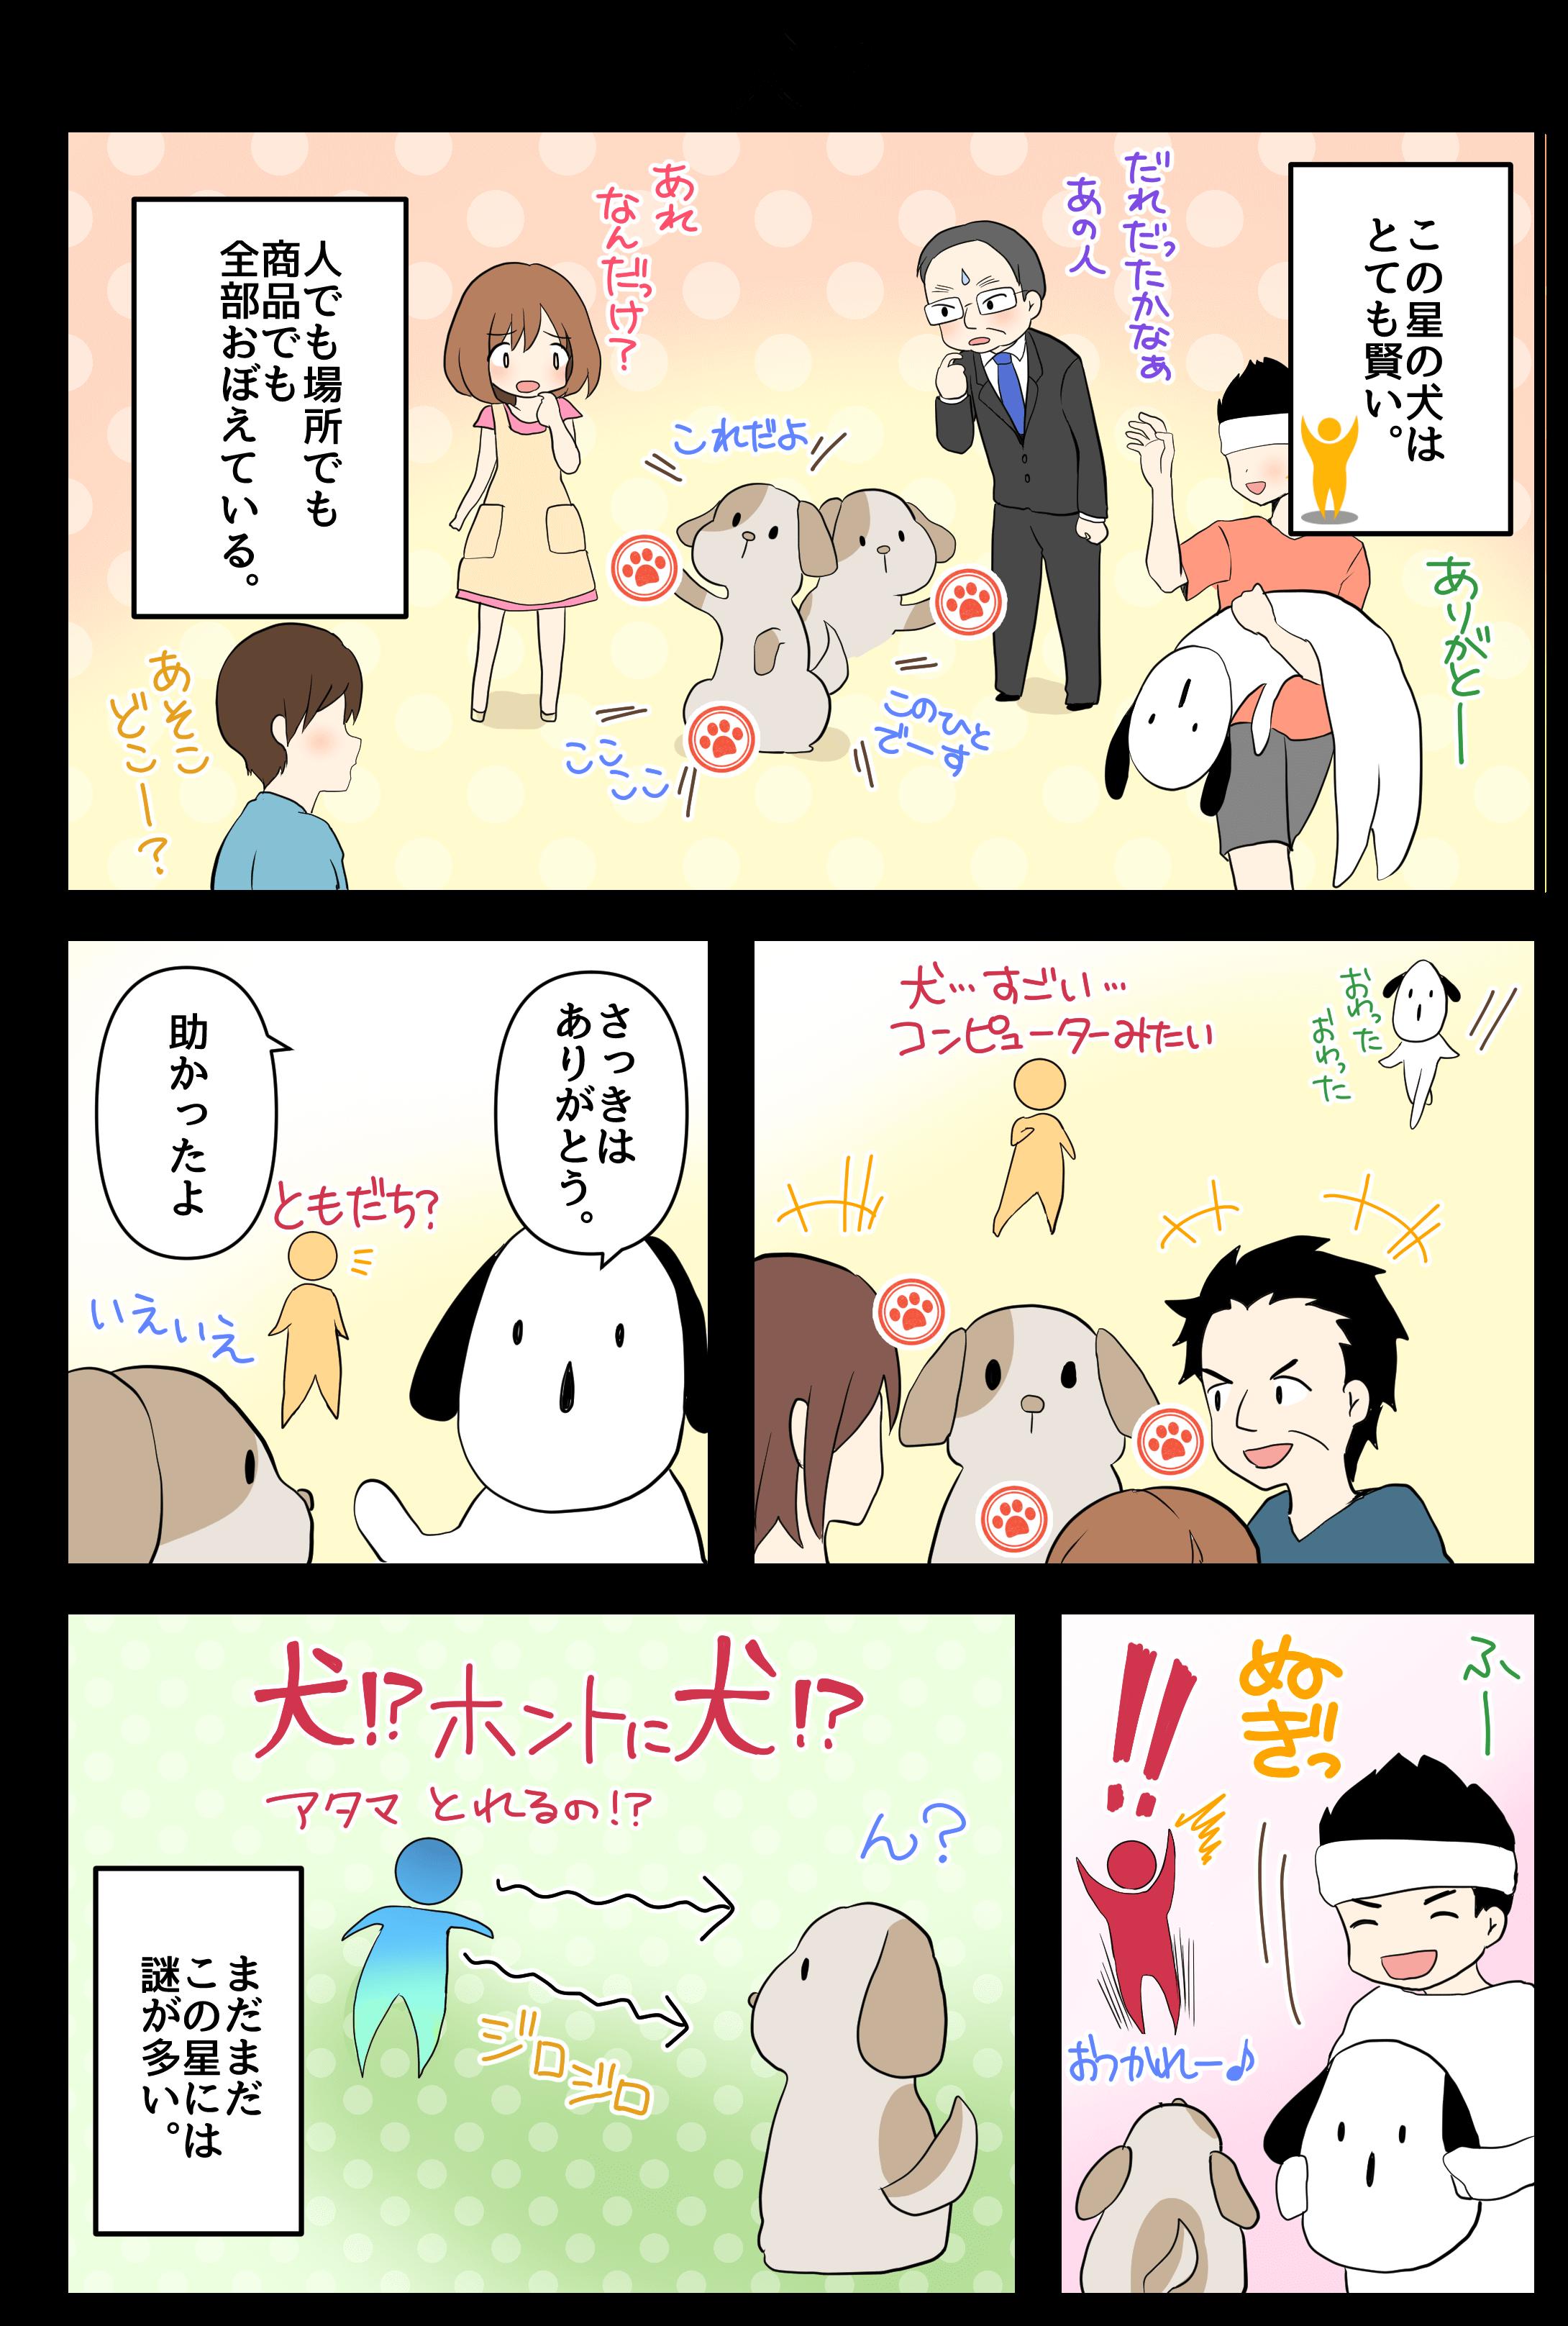 かけはし漫画「犬?」 1